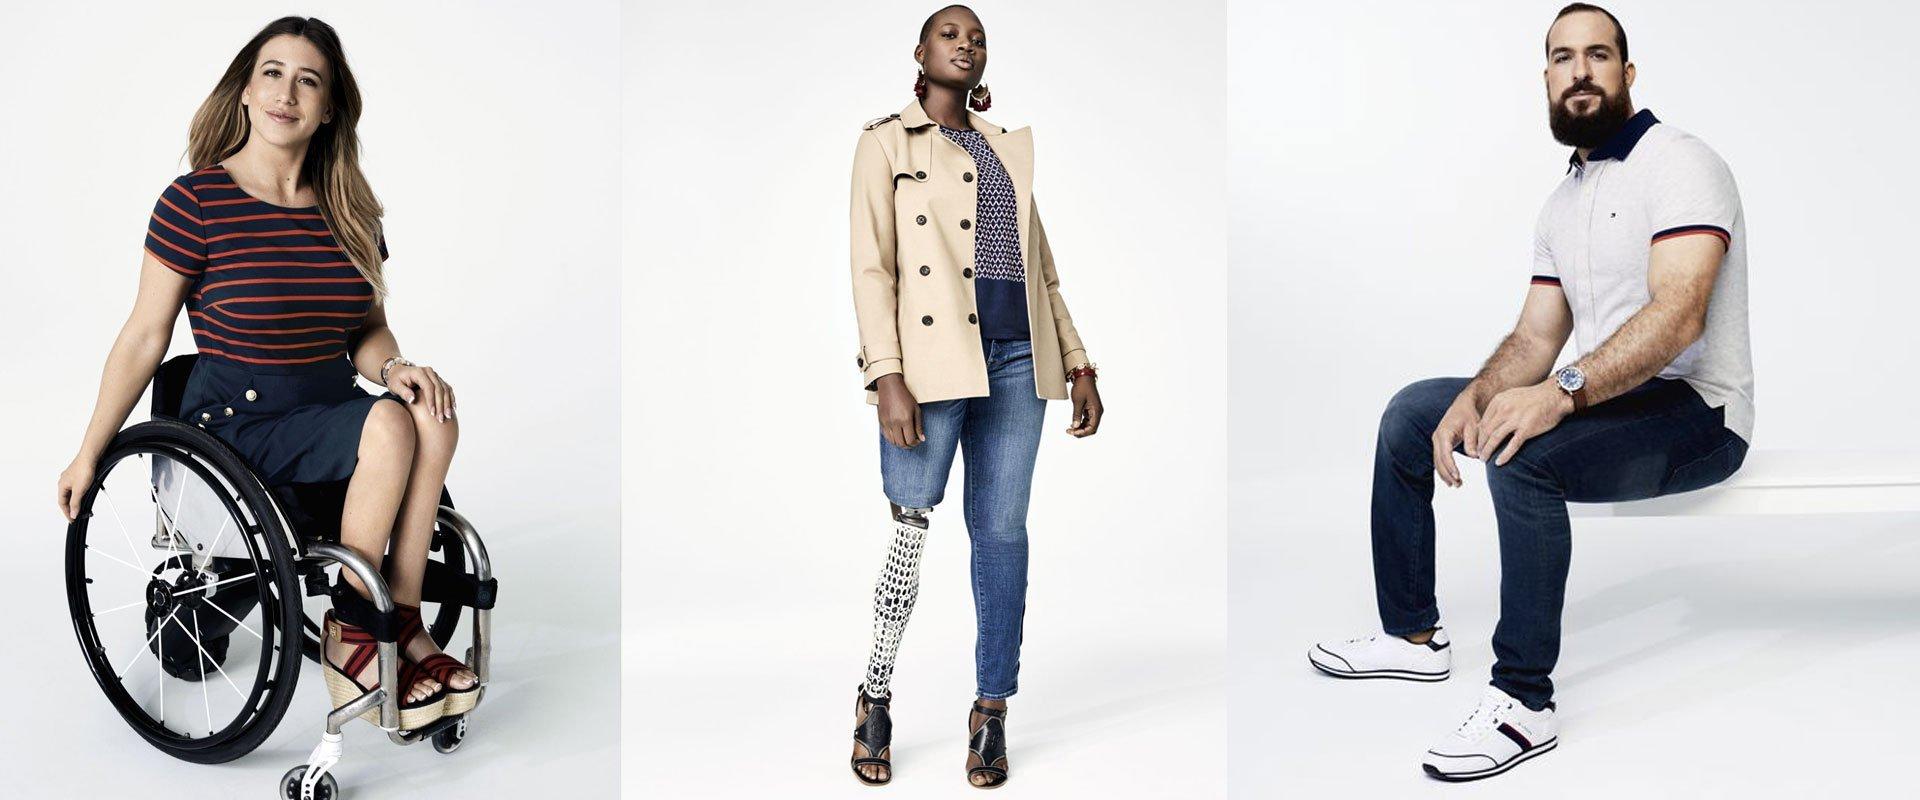 Tommy-hilfigher collezione autunno/inverno 2018 adaptive fashion